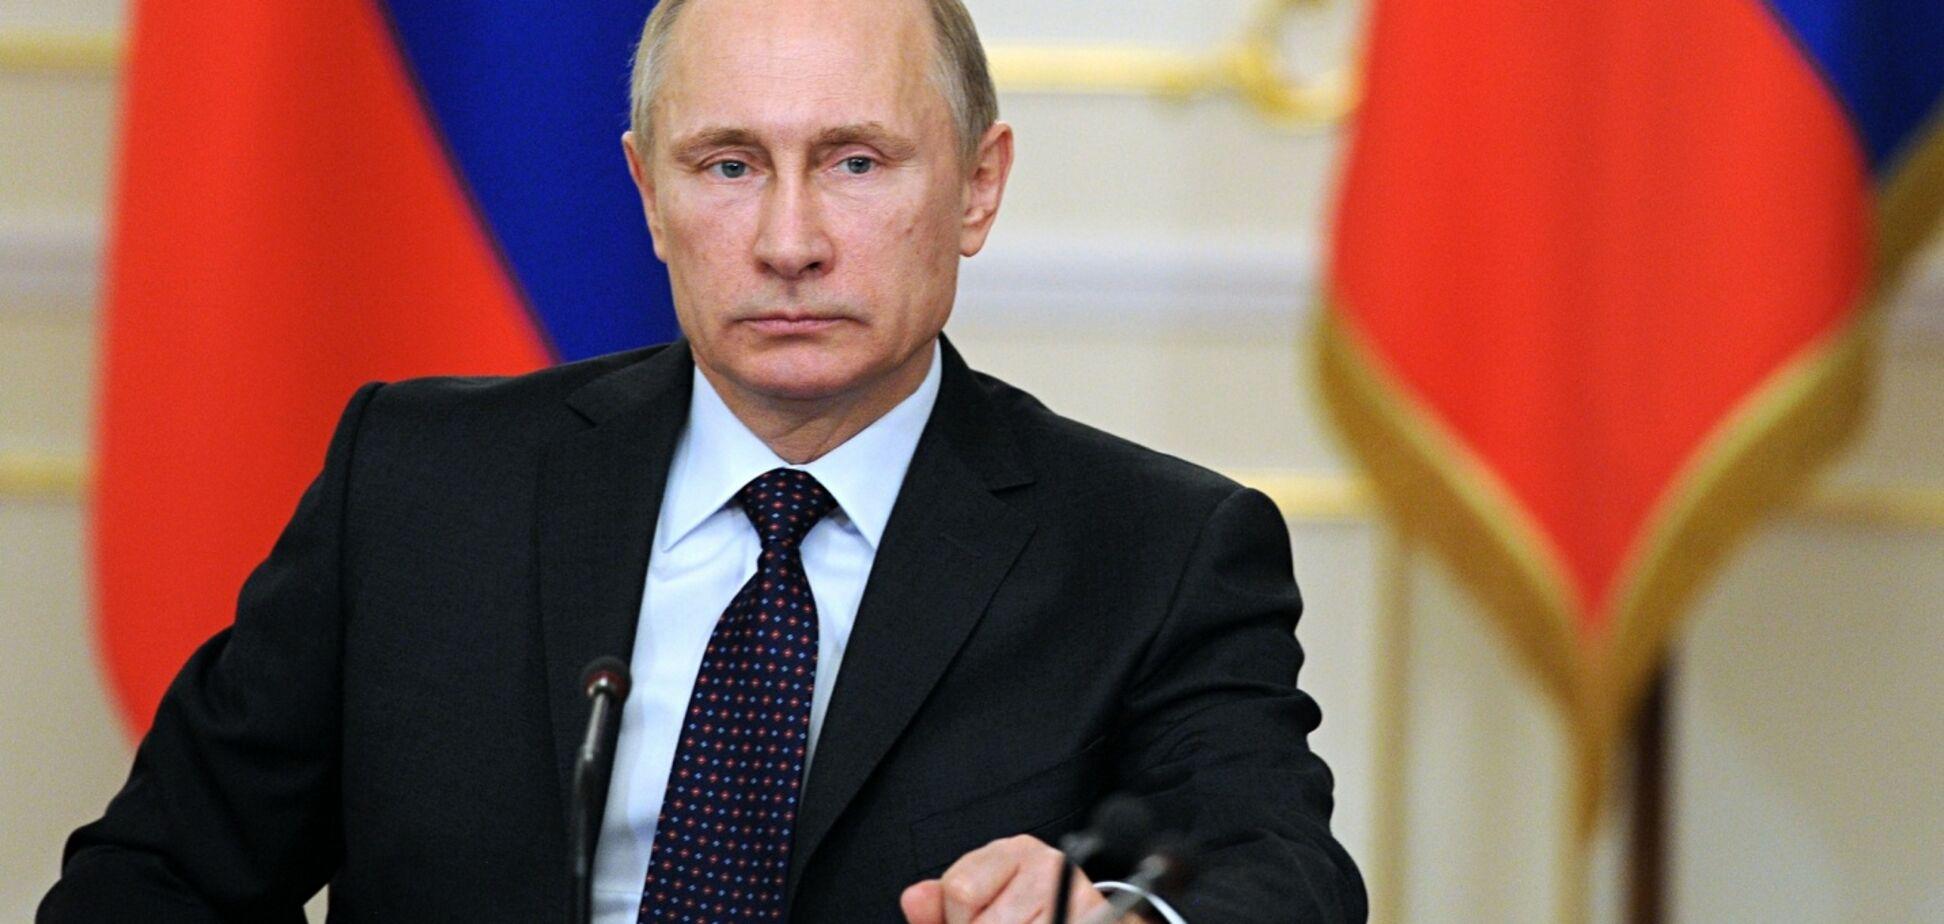 Путин уже дважды дрогнул: украинский генерал призвал давить на РФ